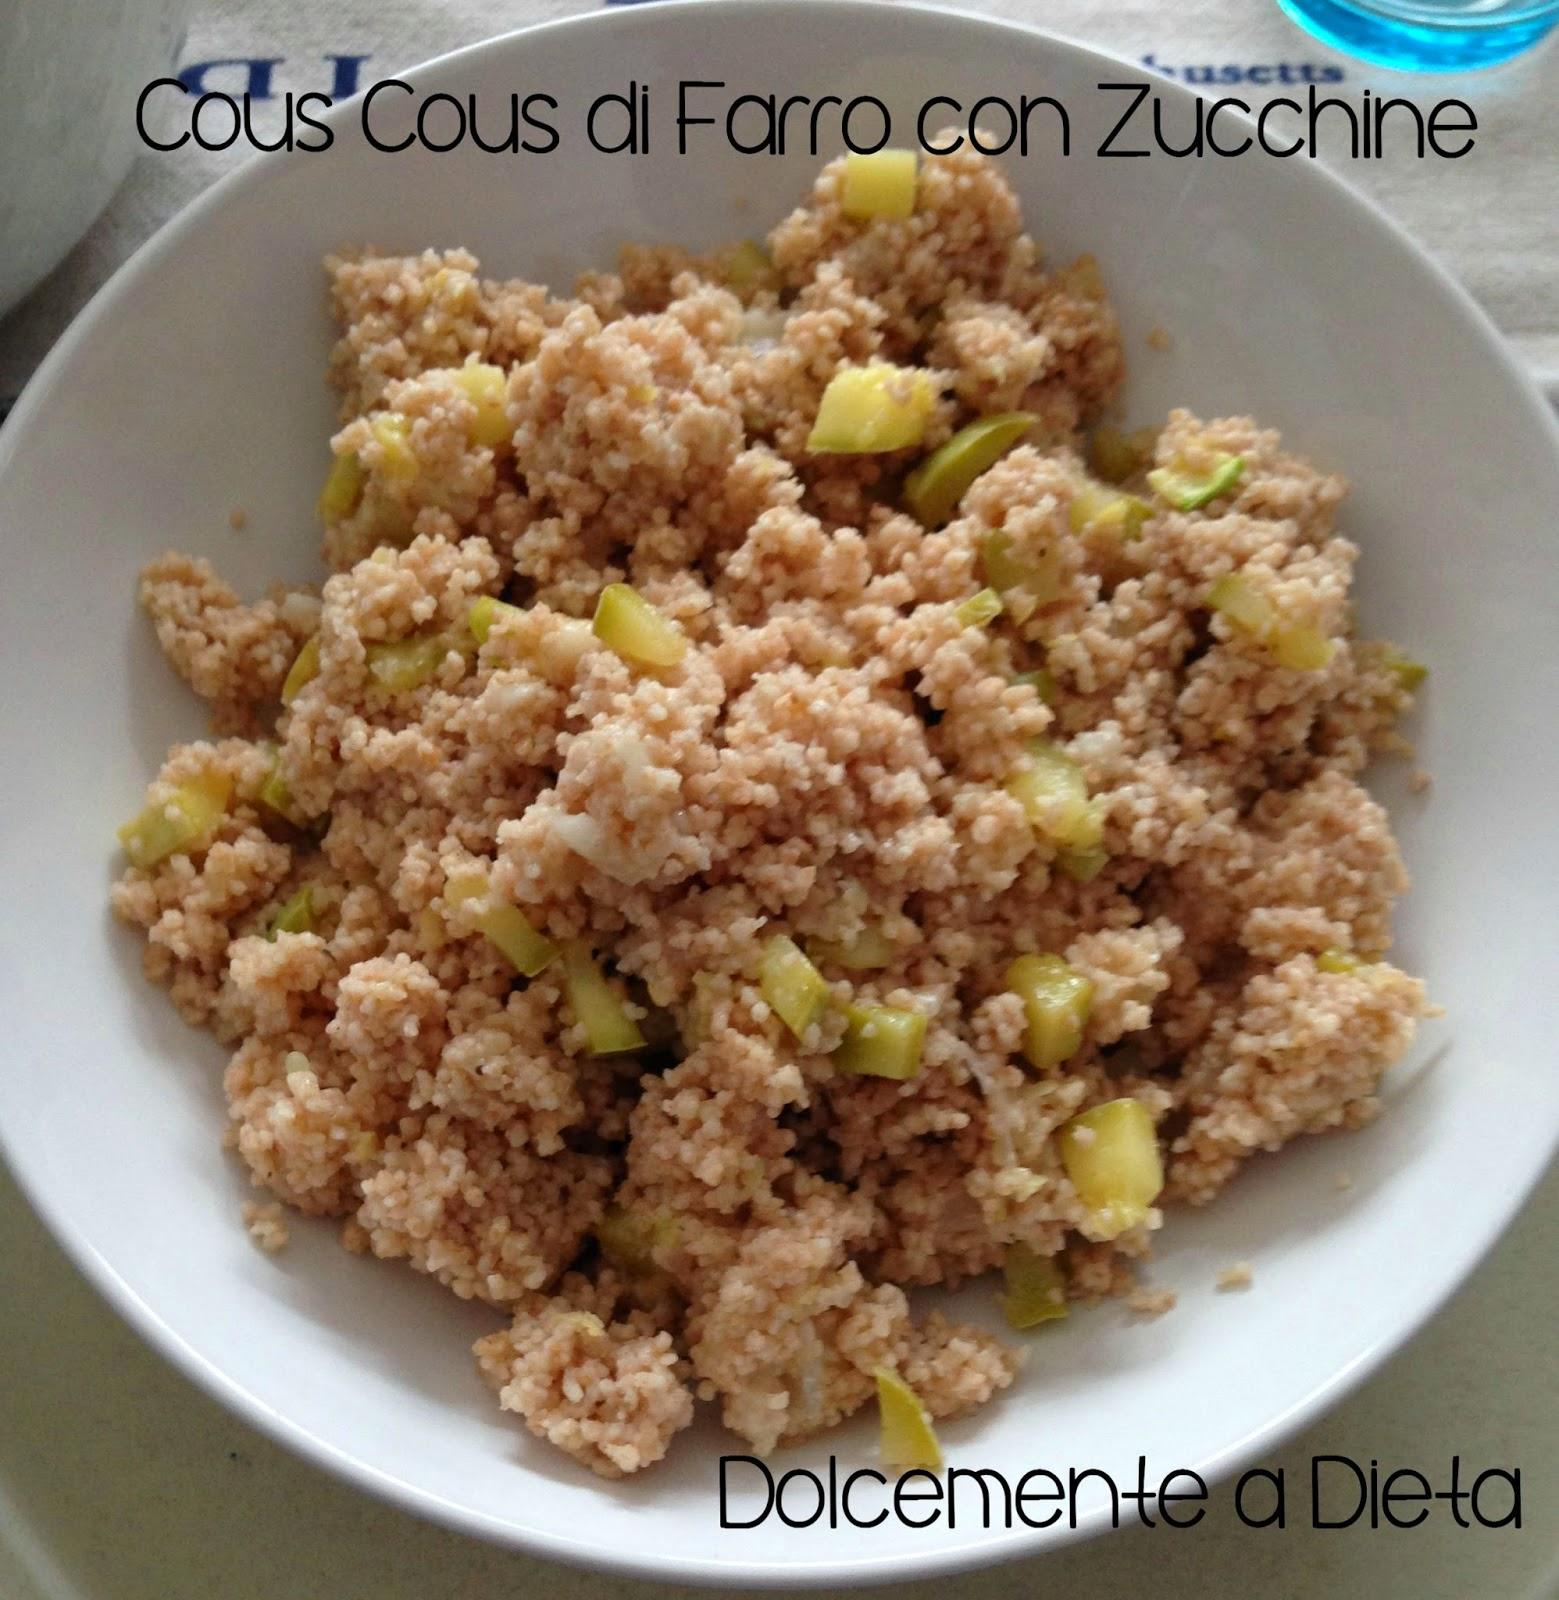 ricetta salata: cous cous di farro con zucchine